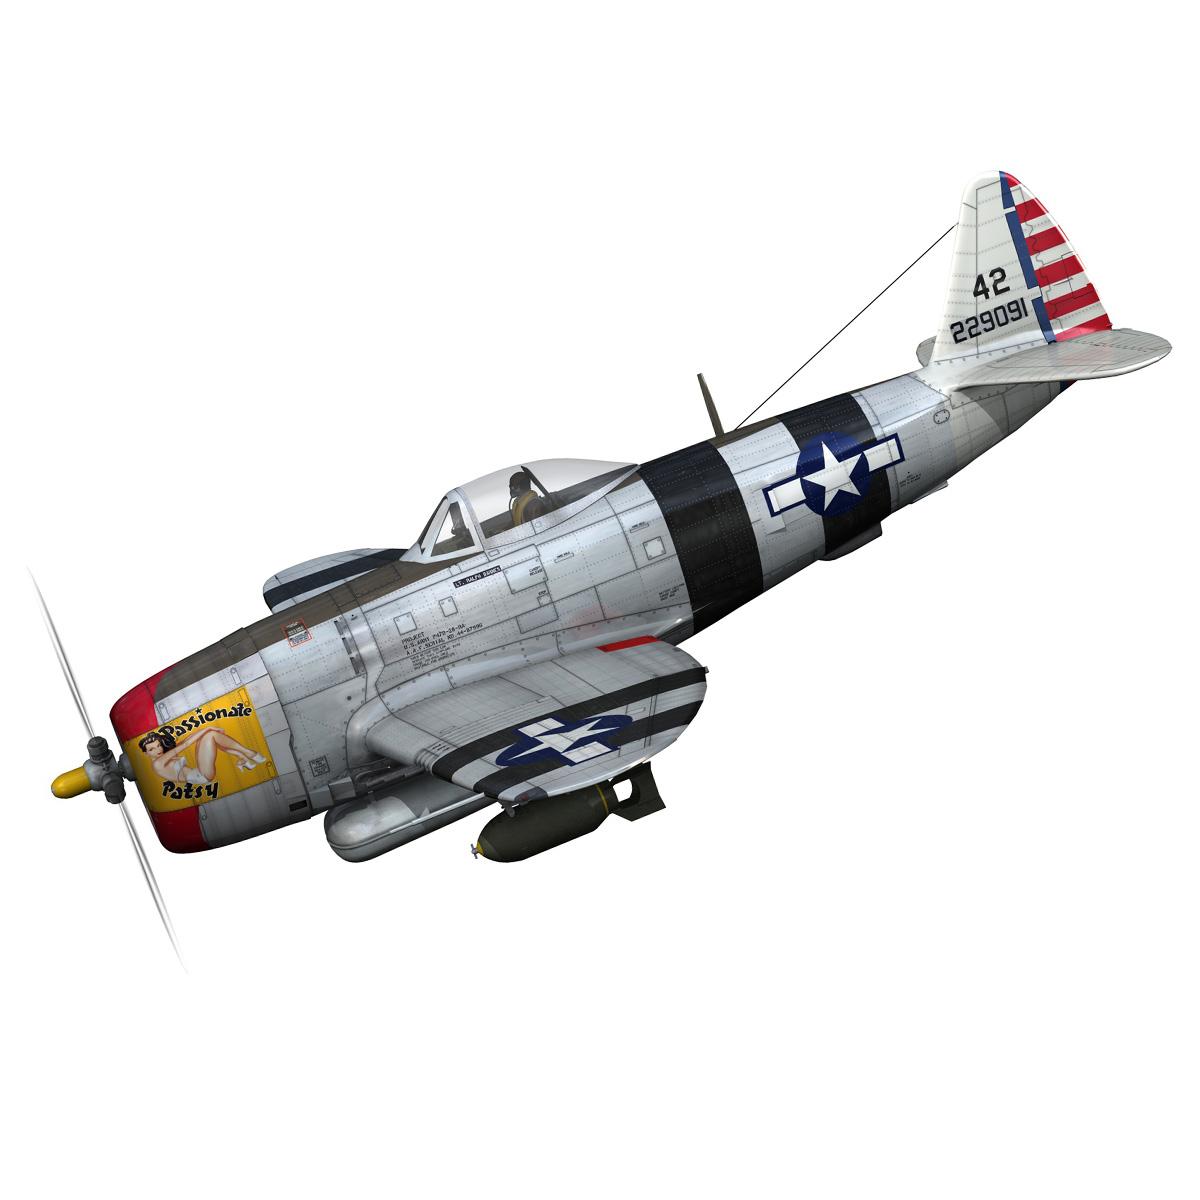 republic p-47 thunderbolt – passionate patsy 3d model fbx lwo lw lws obj c4d 279741